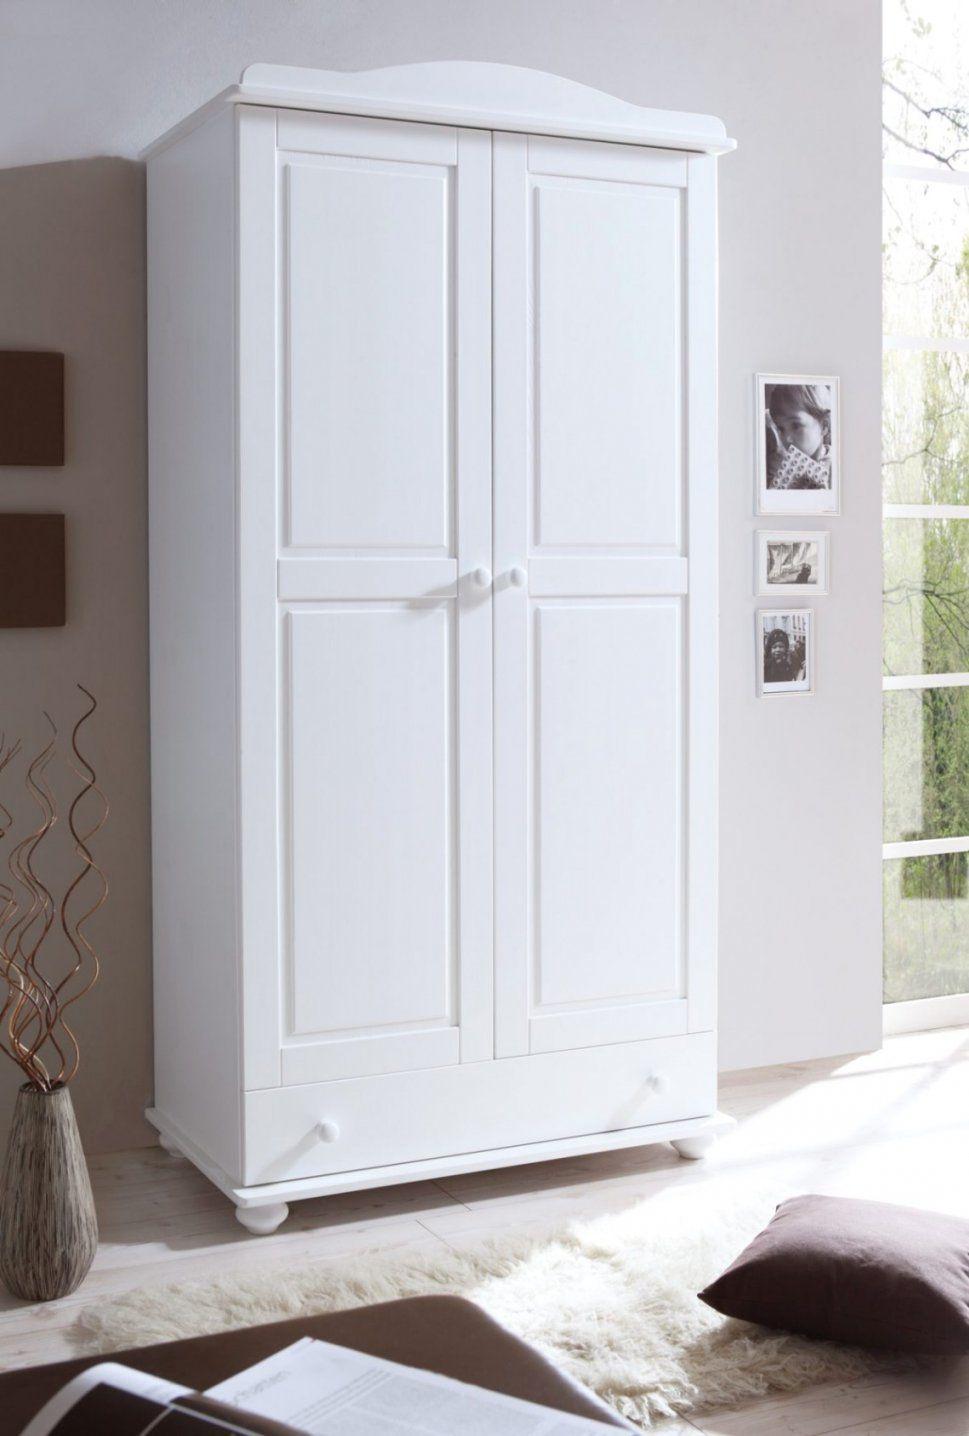 Cool Kleiderschrank Weiß Landhausstil Gebraucht Für Kleiderschrank von Kleiderschrank Weiß Landhaus Günstig Bild